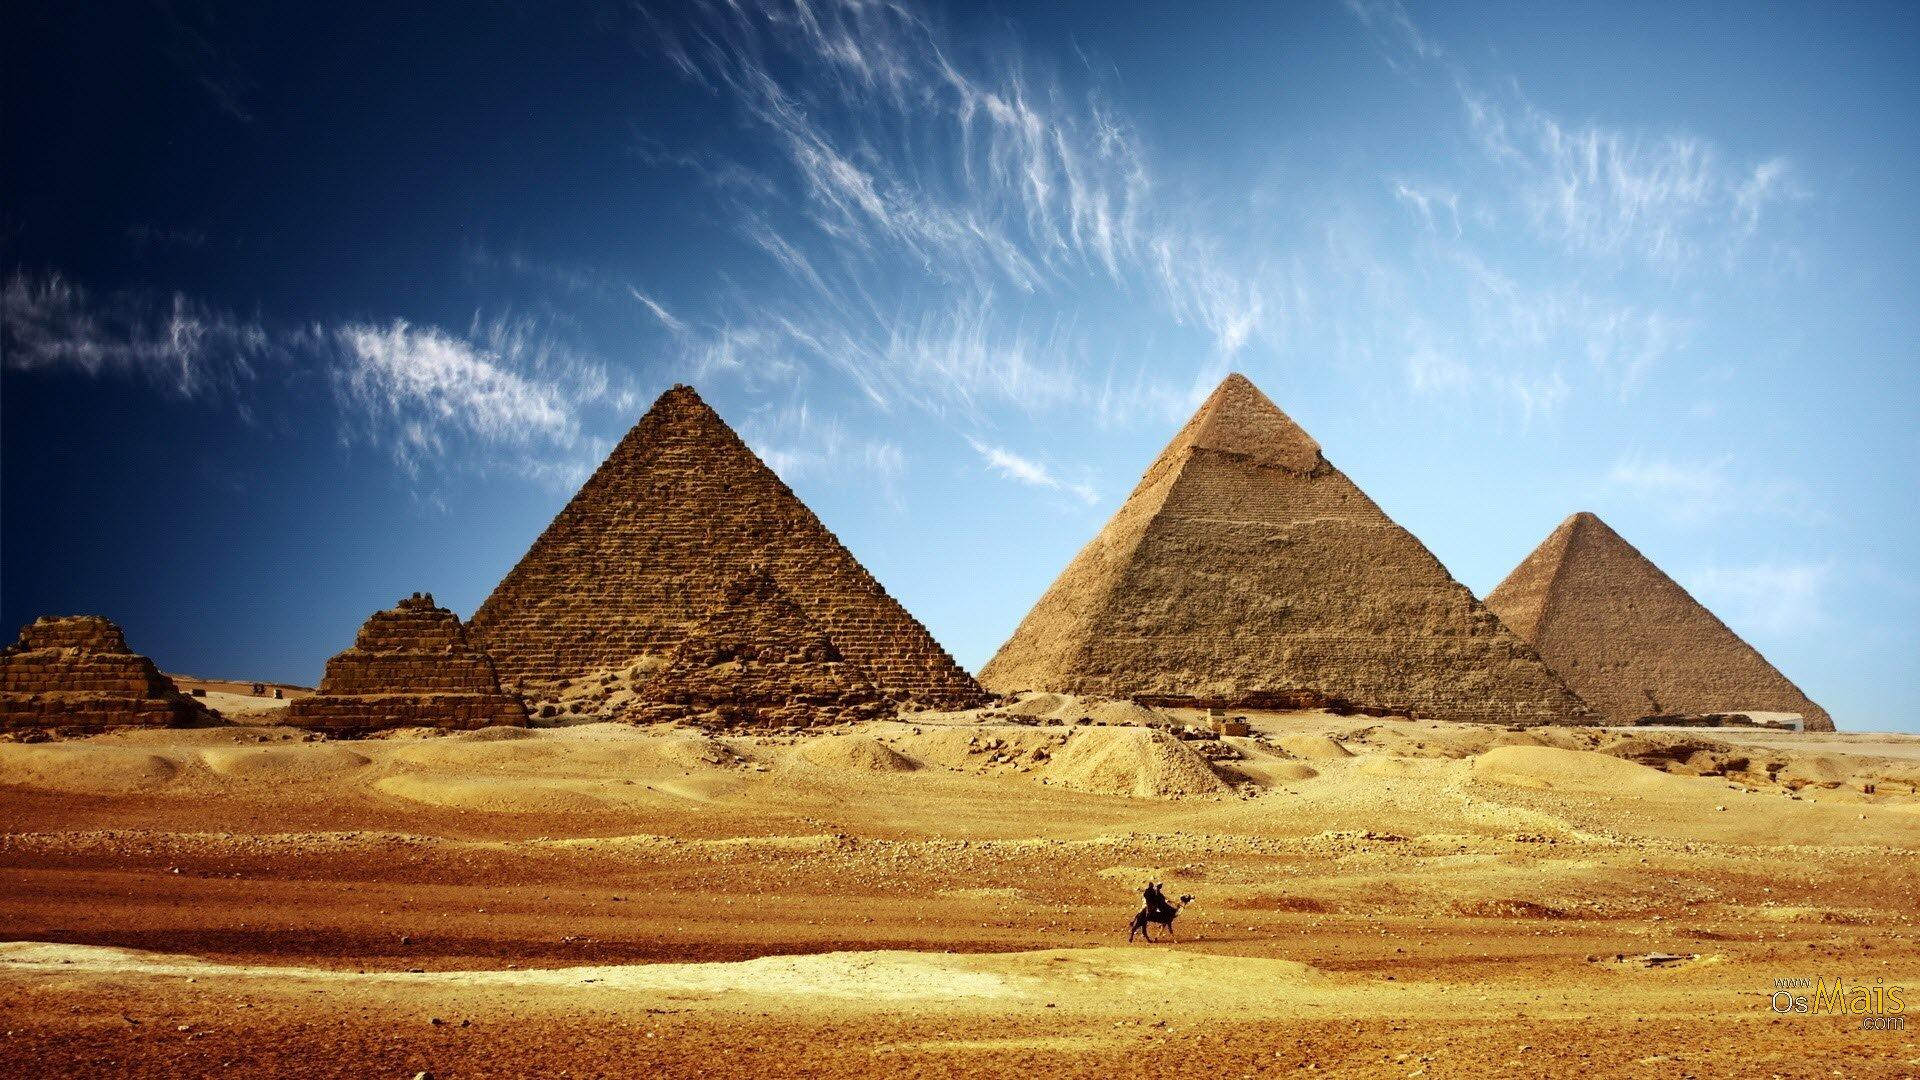 piramides-egito-wallpaper.jpg